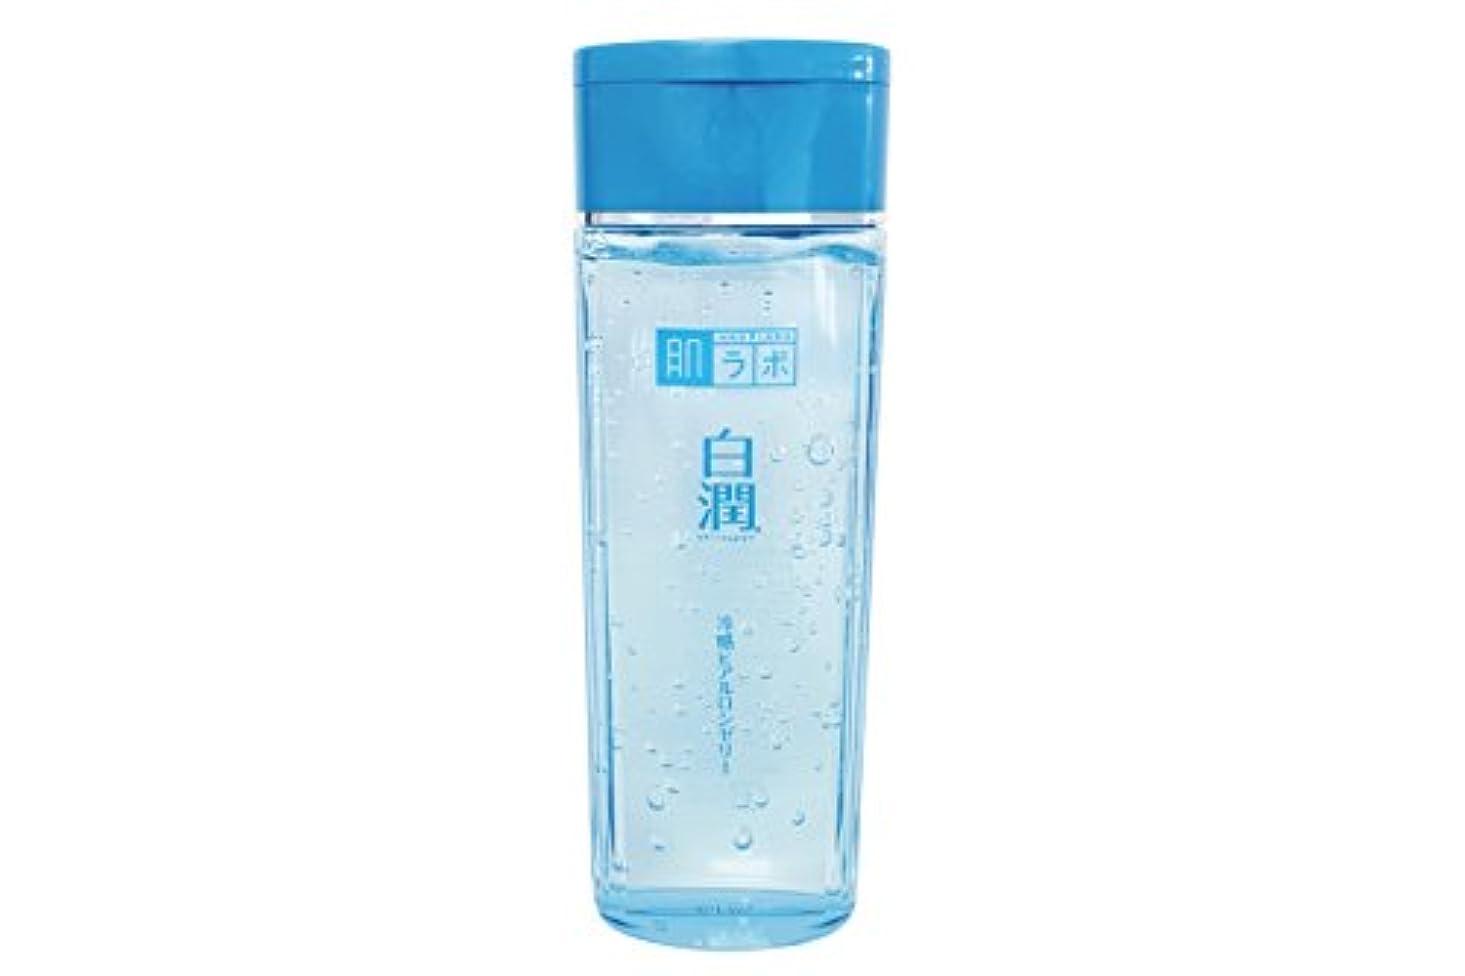 買収絞る小包肌ラボ 白潤 冷感ヒアルロンゼリー 化粧水?乳液?美容液?収れん?パックの5役 4つの潤い成分配合 200mL